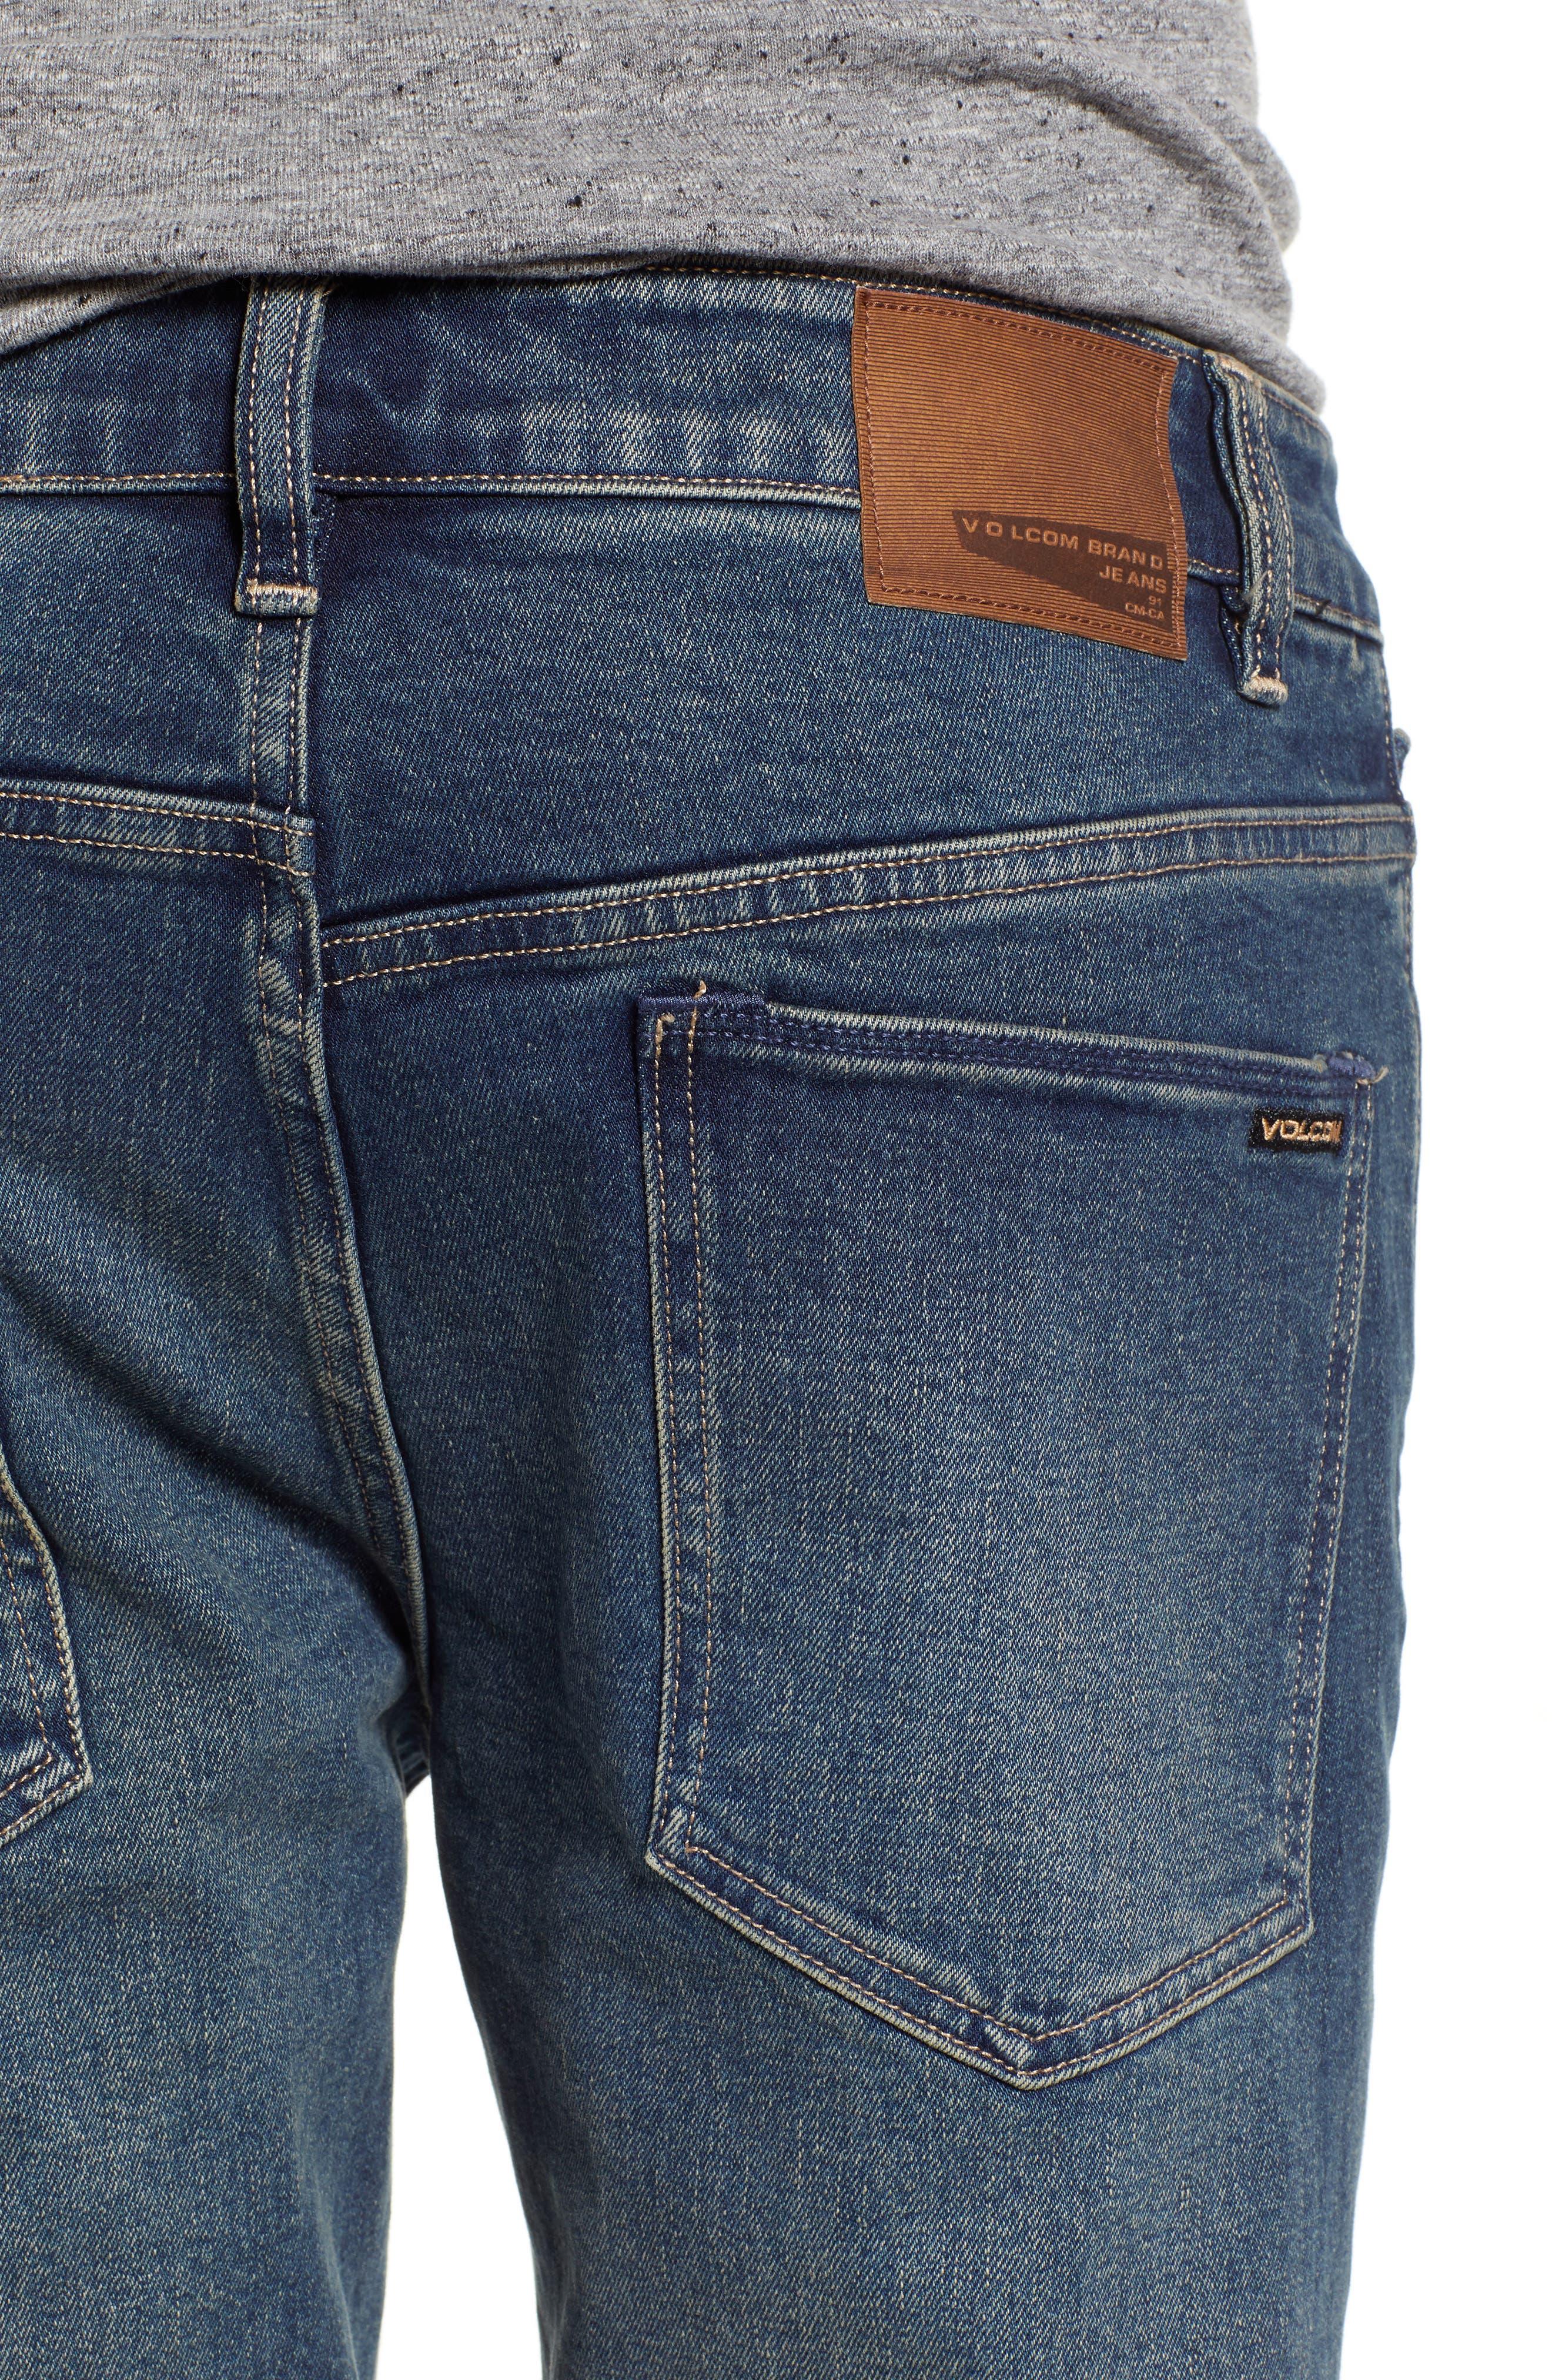 Solver Denim Pants,                             Alternate thumbnail 4, color,                             467